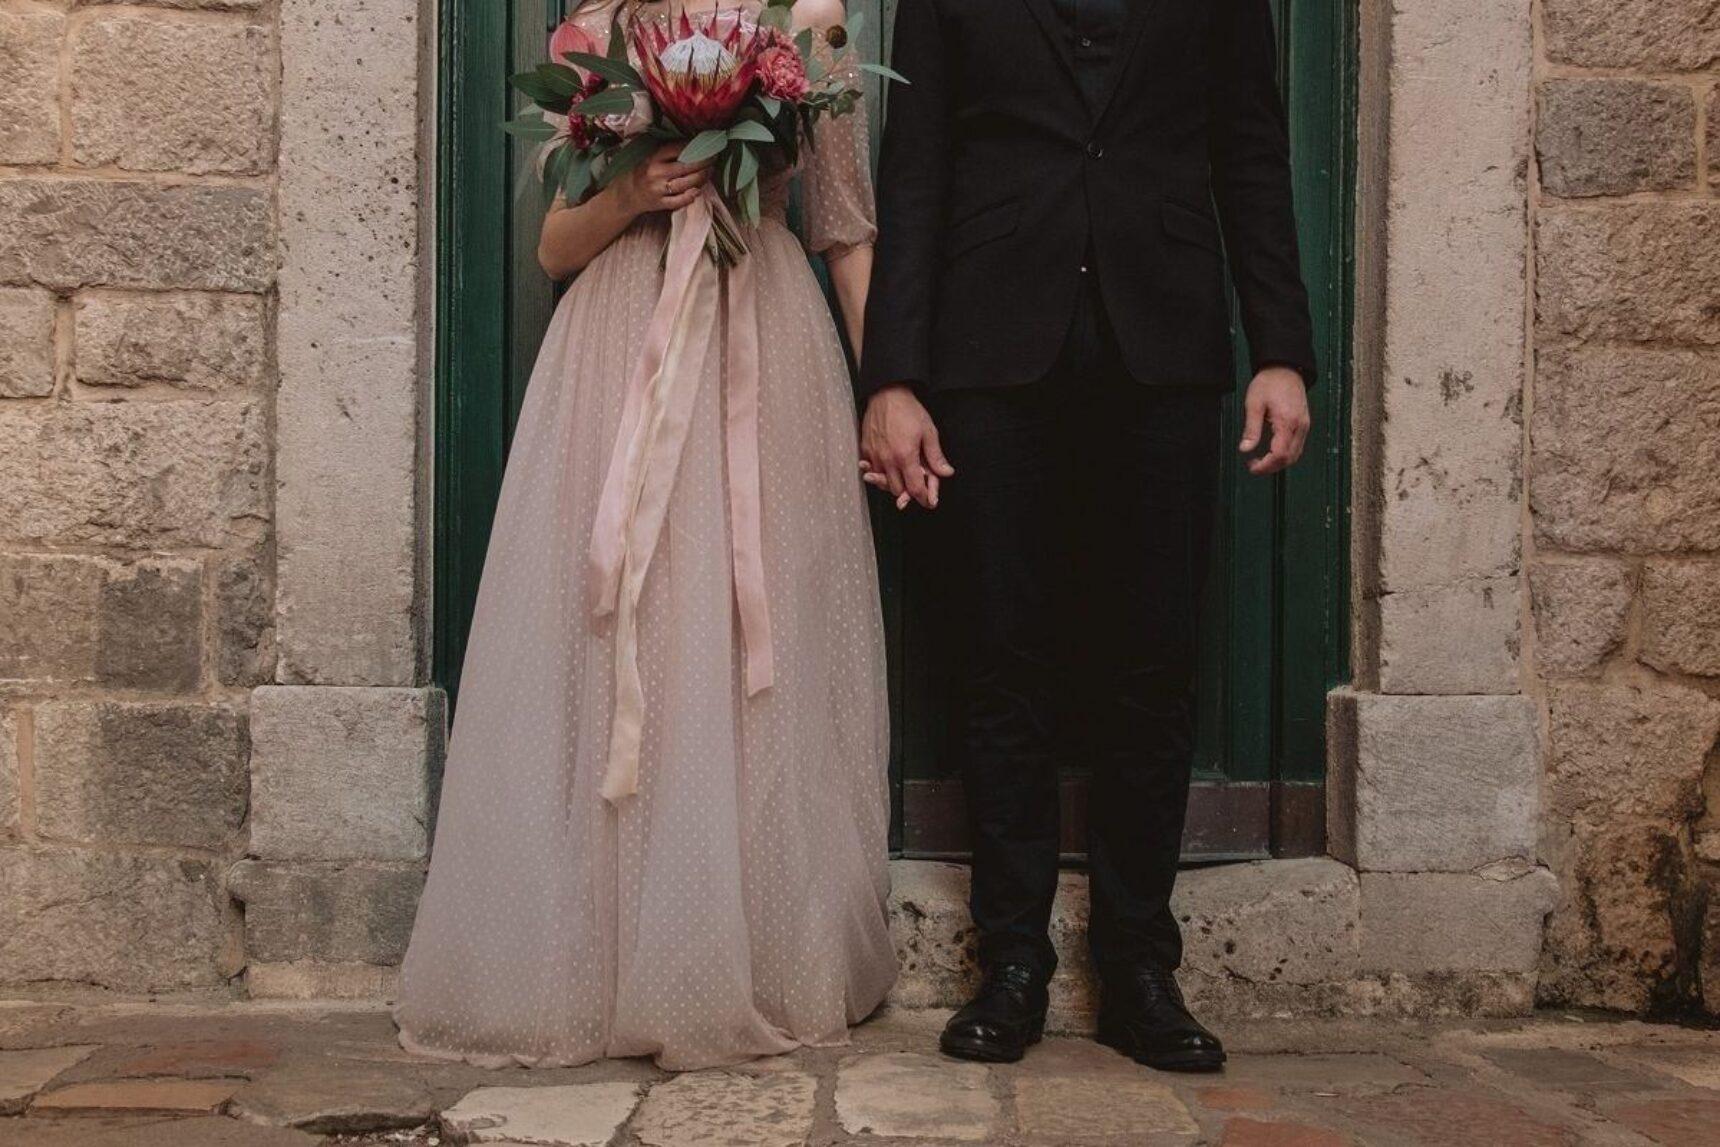 Zwiewna suknia ślubna – wybierz lekką i romantyczną stylizację na ślub